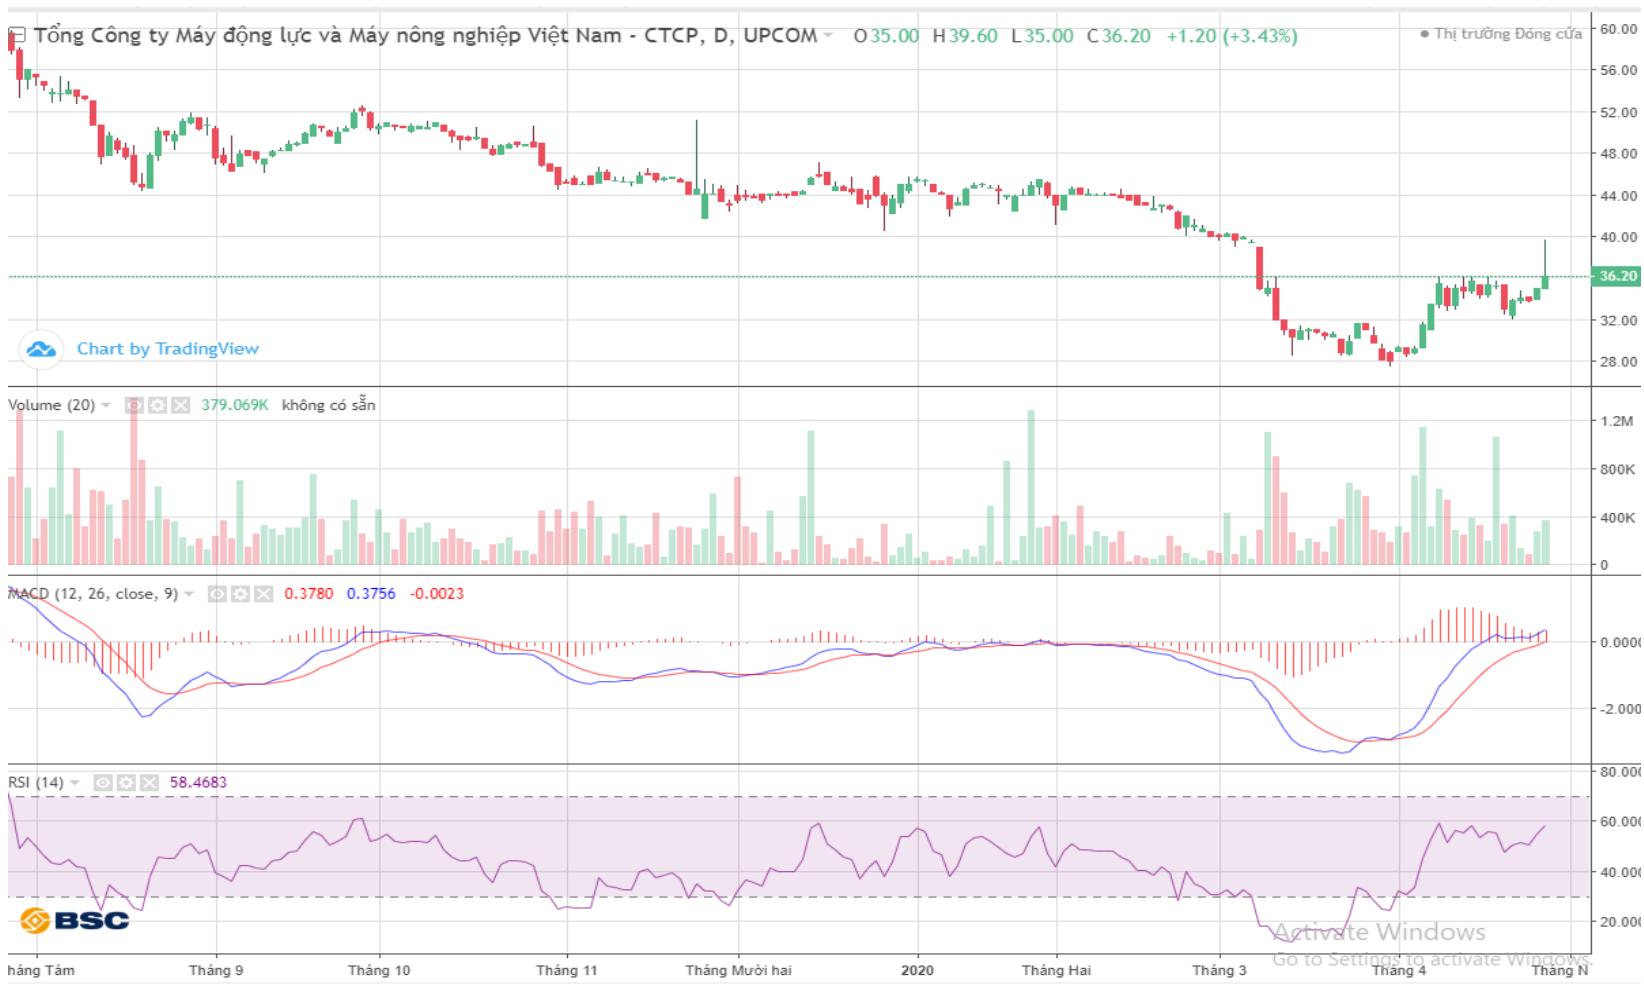 Cổ phiếu tâm điểm ngày 29/4: VEA, PHR, MPC, GVR, HII - Ảnh 1.